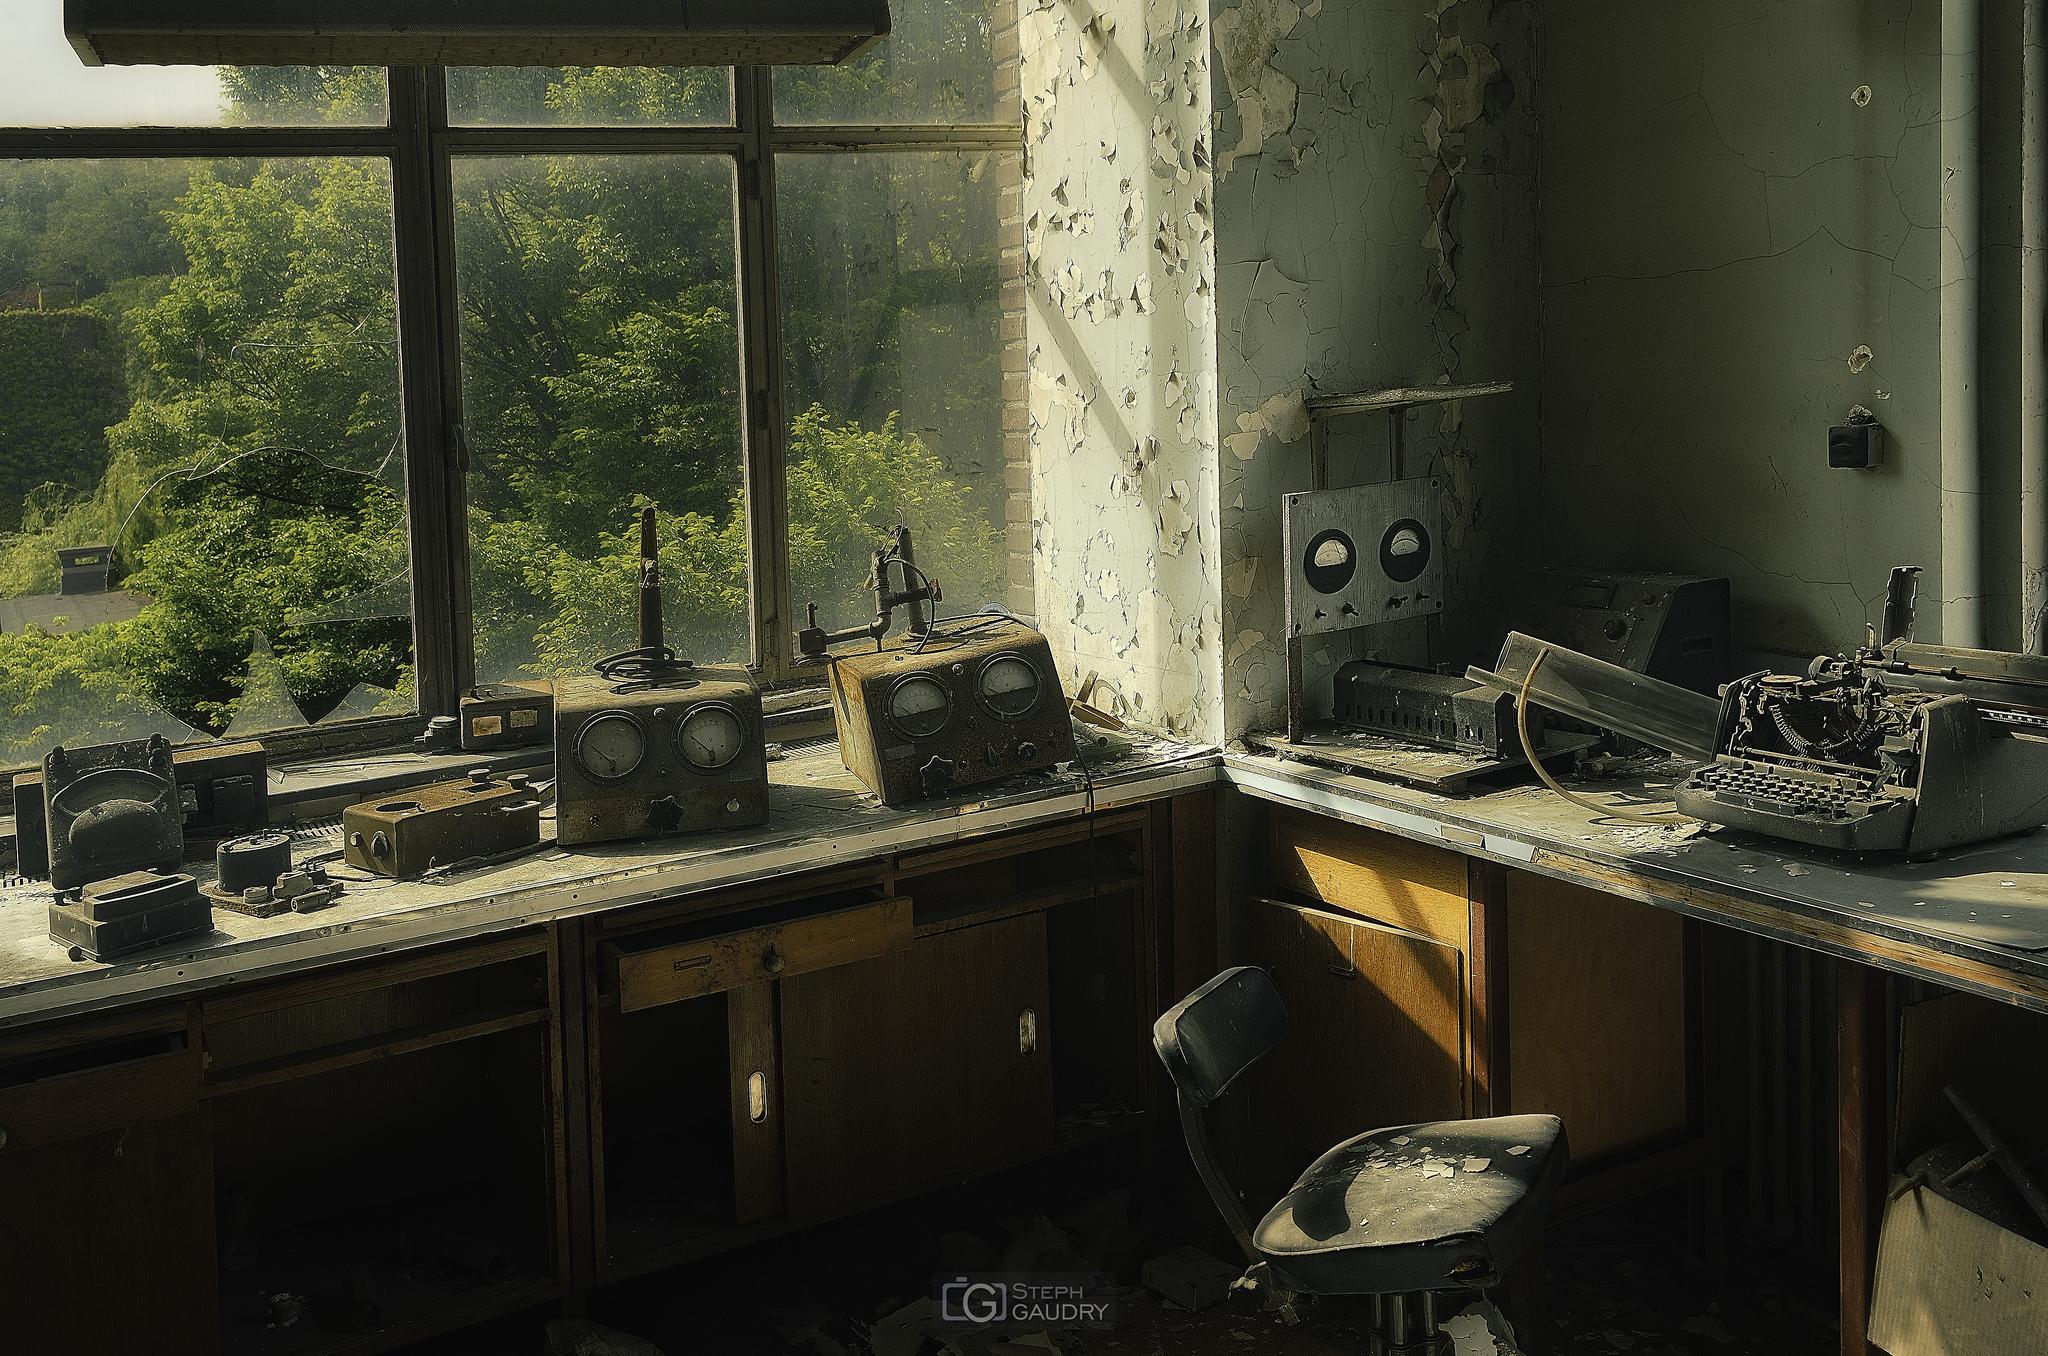 Abandoned chemistry lab [Cliquez pour lancer le diaporama]